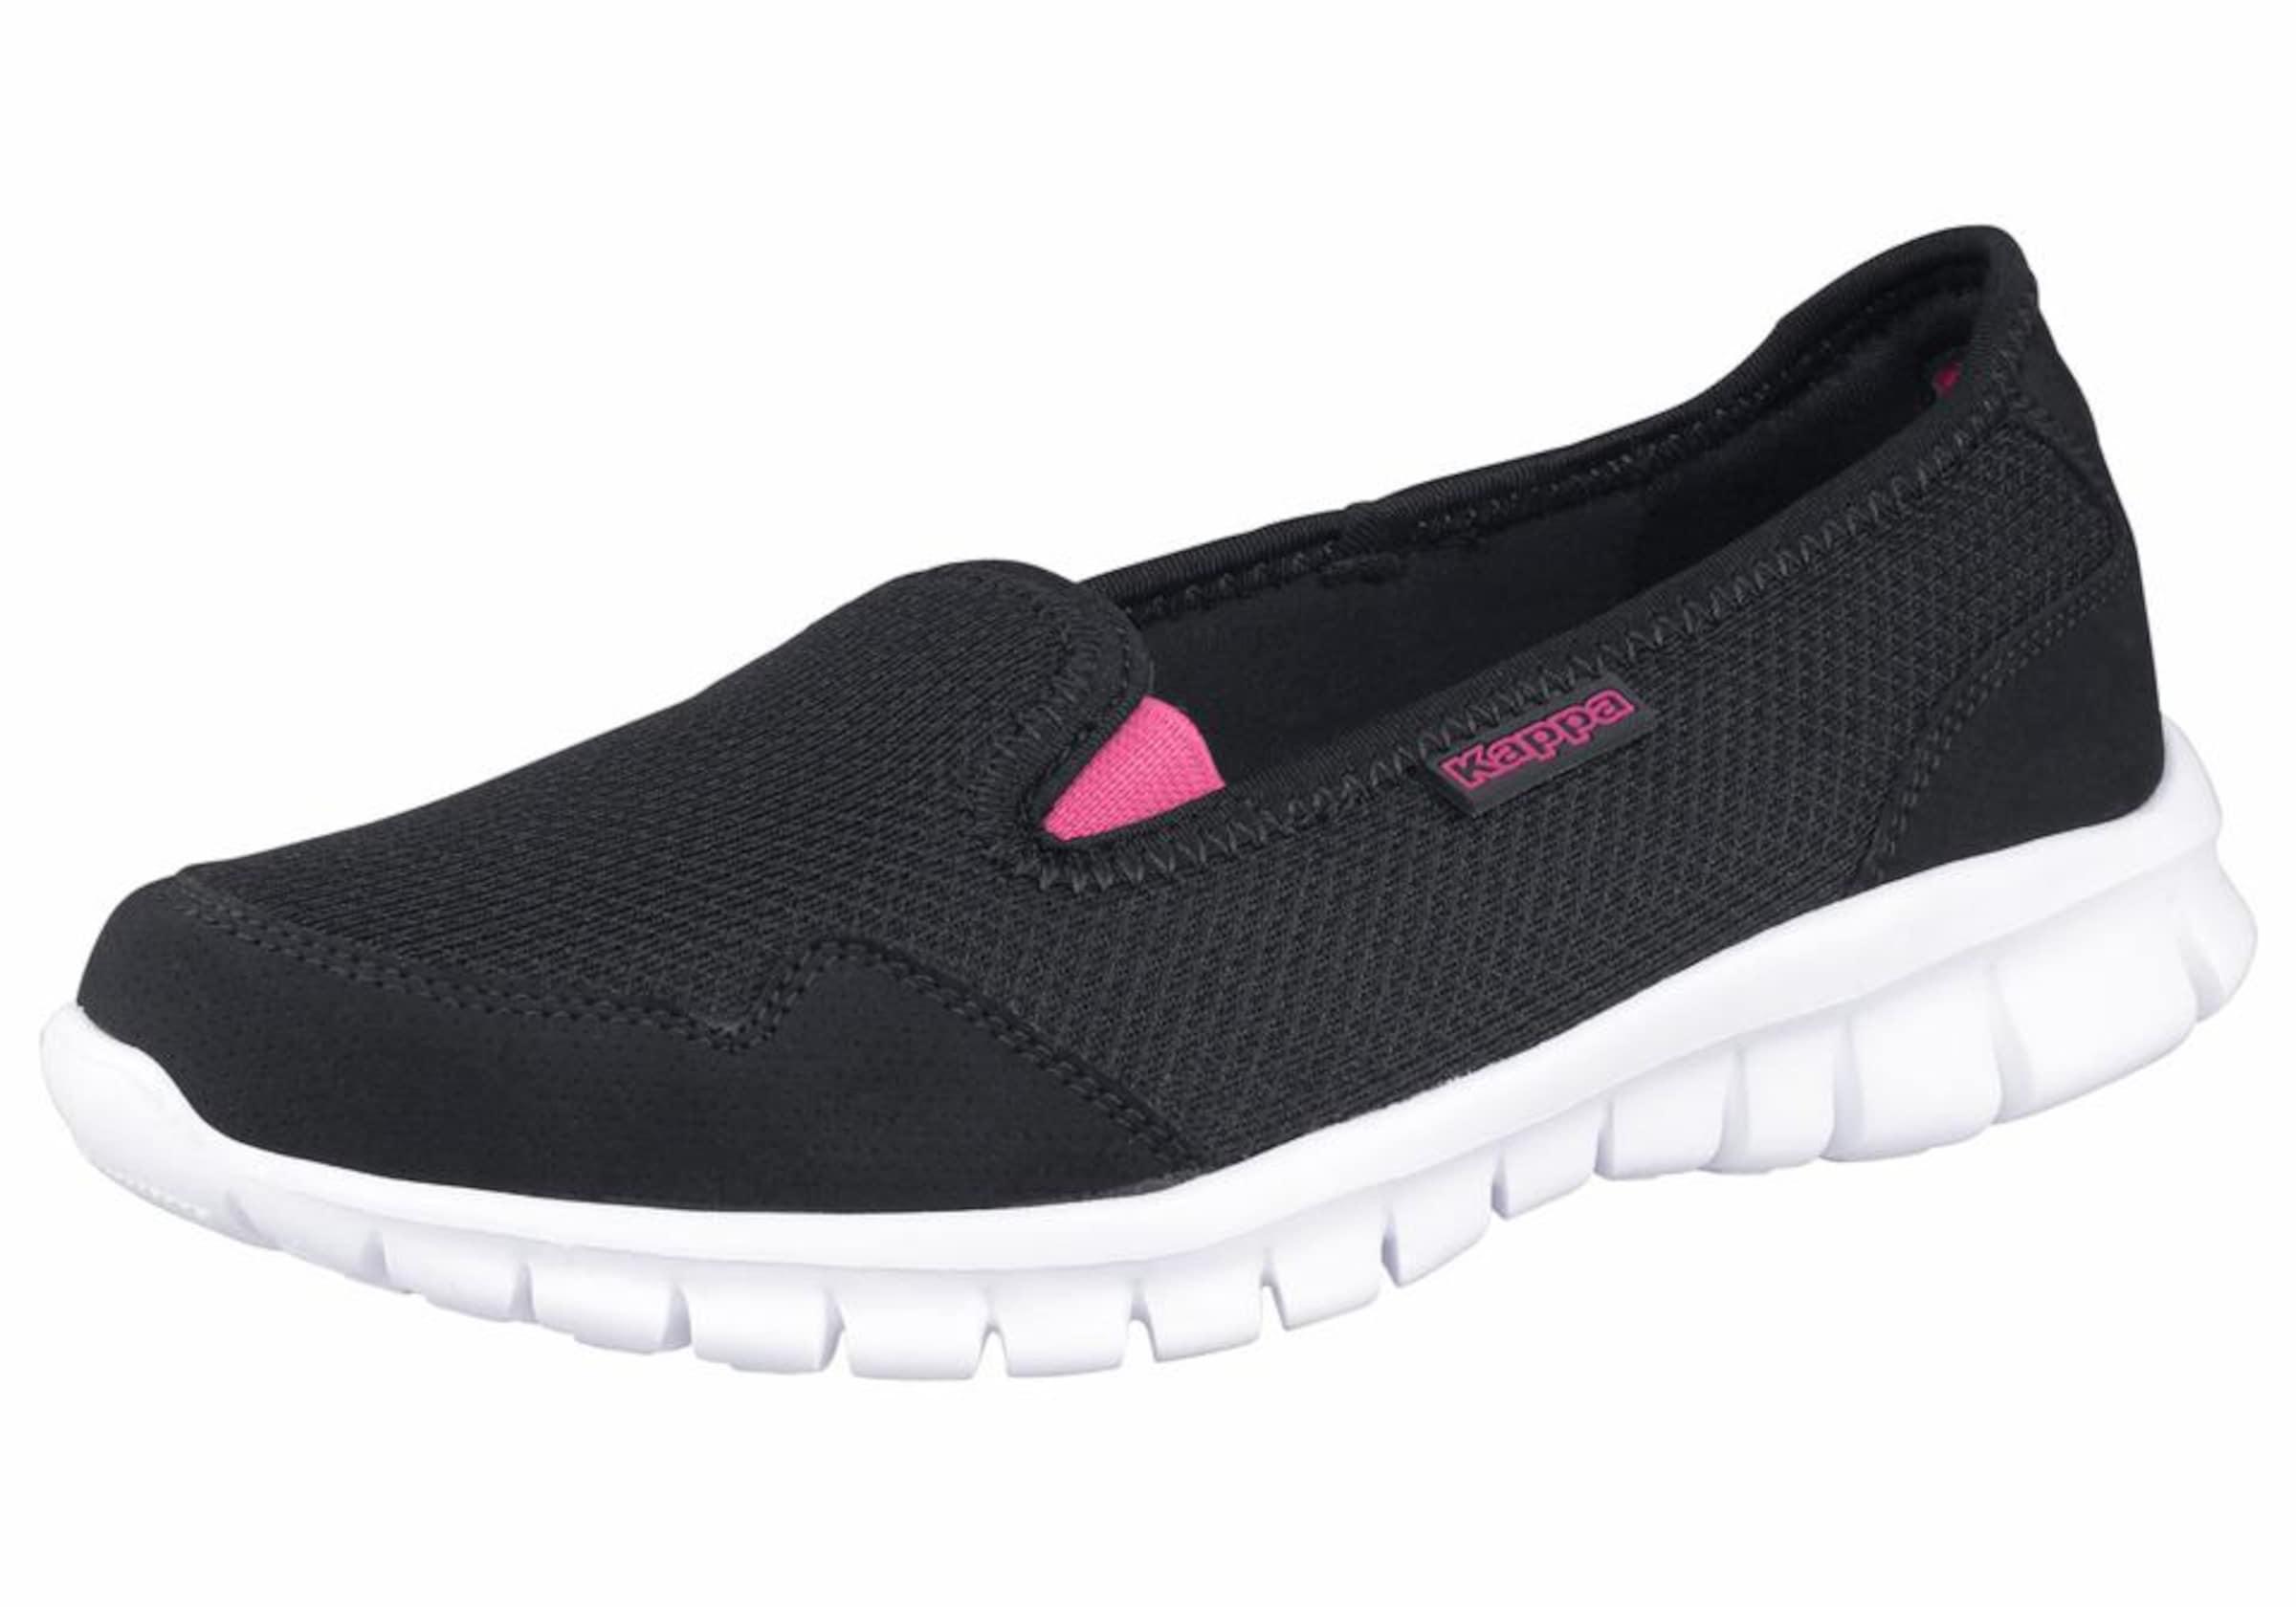 KAPPA Sneaker Verschleißfeste billige Schuhe Hohe Qualität